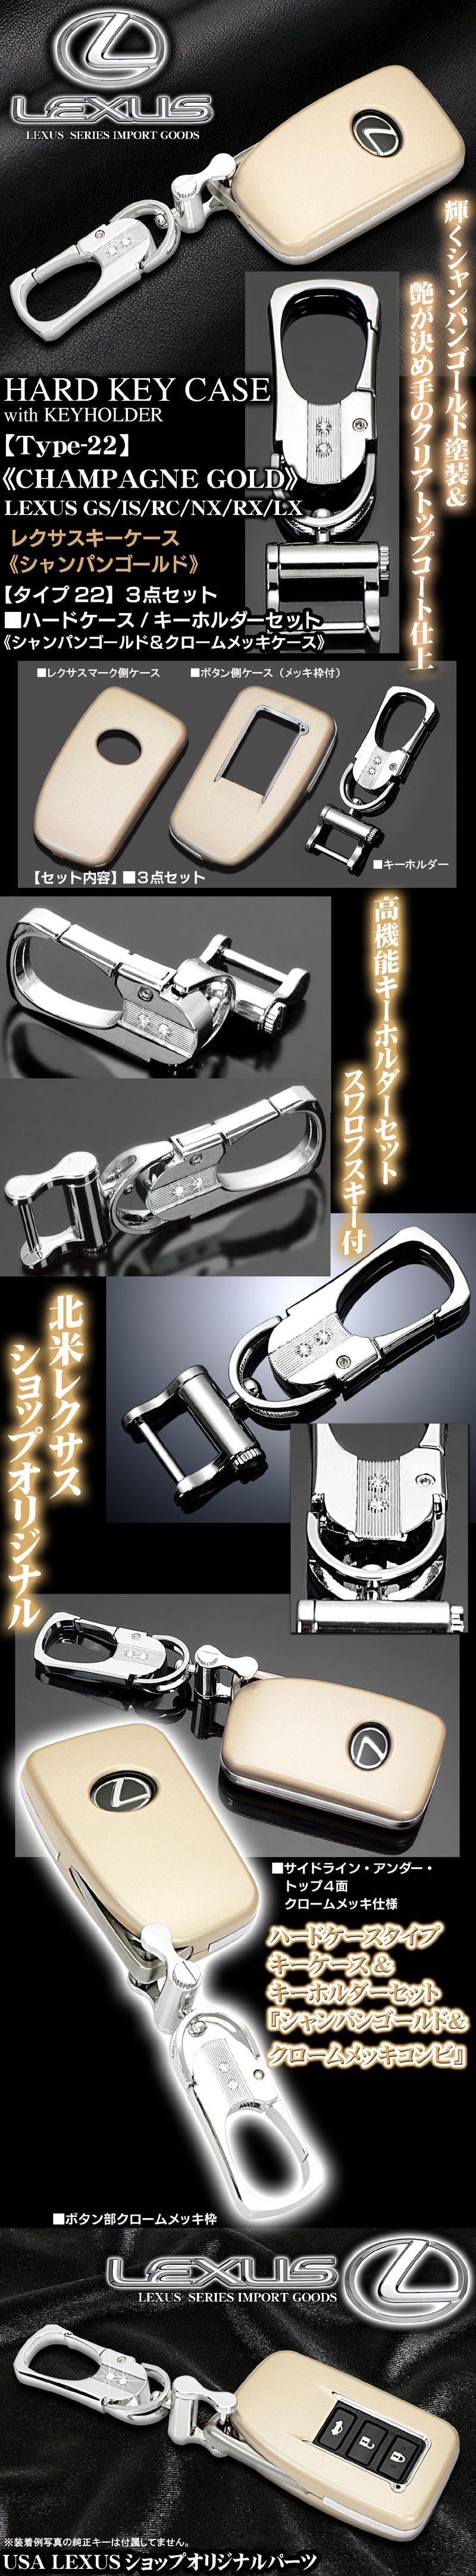 タイプ22【レクサスGS/IS/RC/NX/RX/LX/スマートキー】キーケース&キーホルダー付[シャンパンゴールド&メッキコンビ]ハードケース